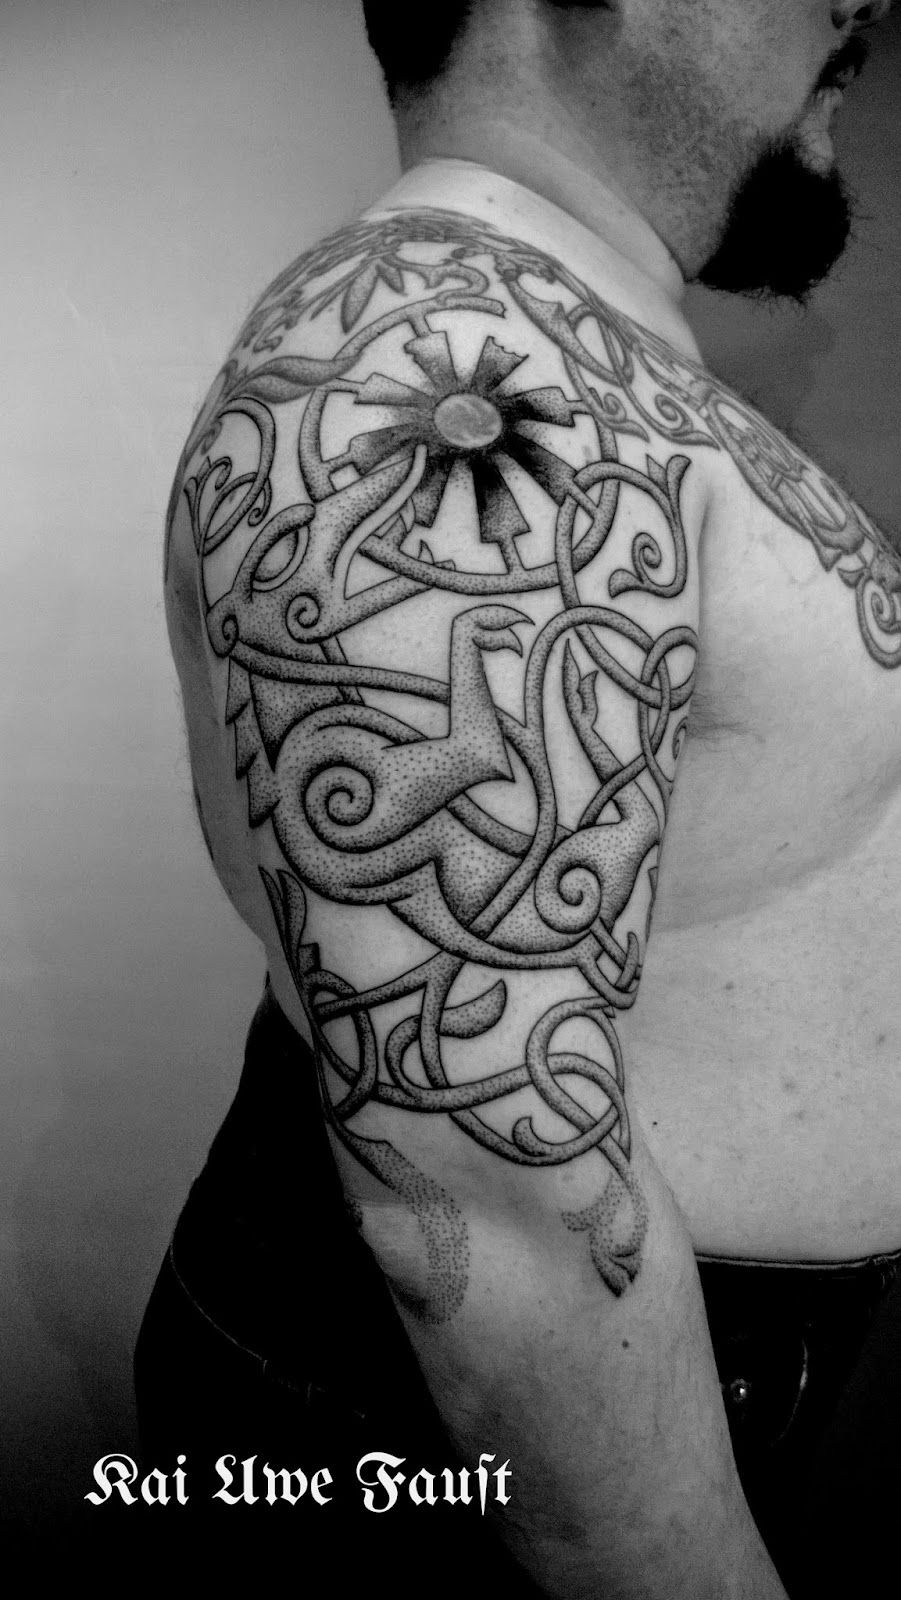 Nordic Tattoo Black sun tattoo Sun tattoo, Tattoos